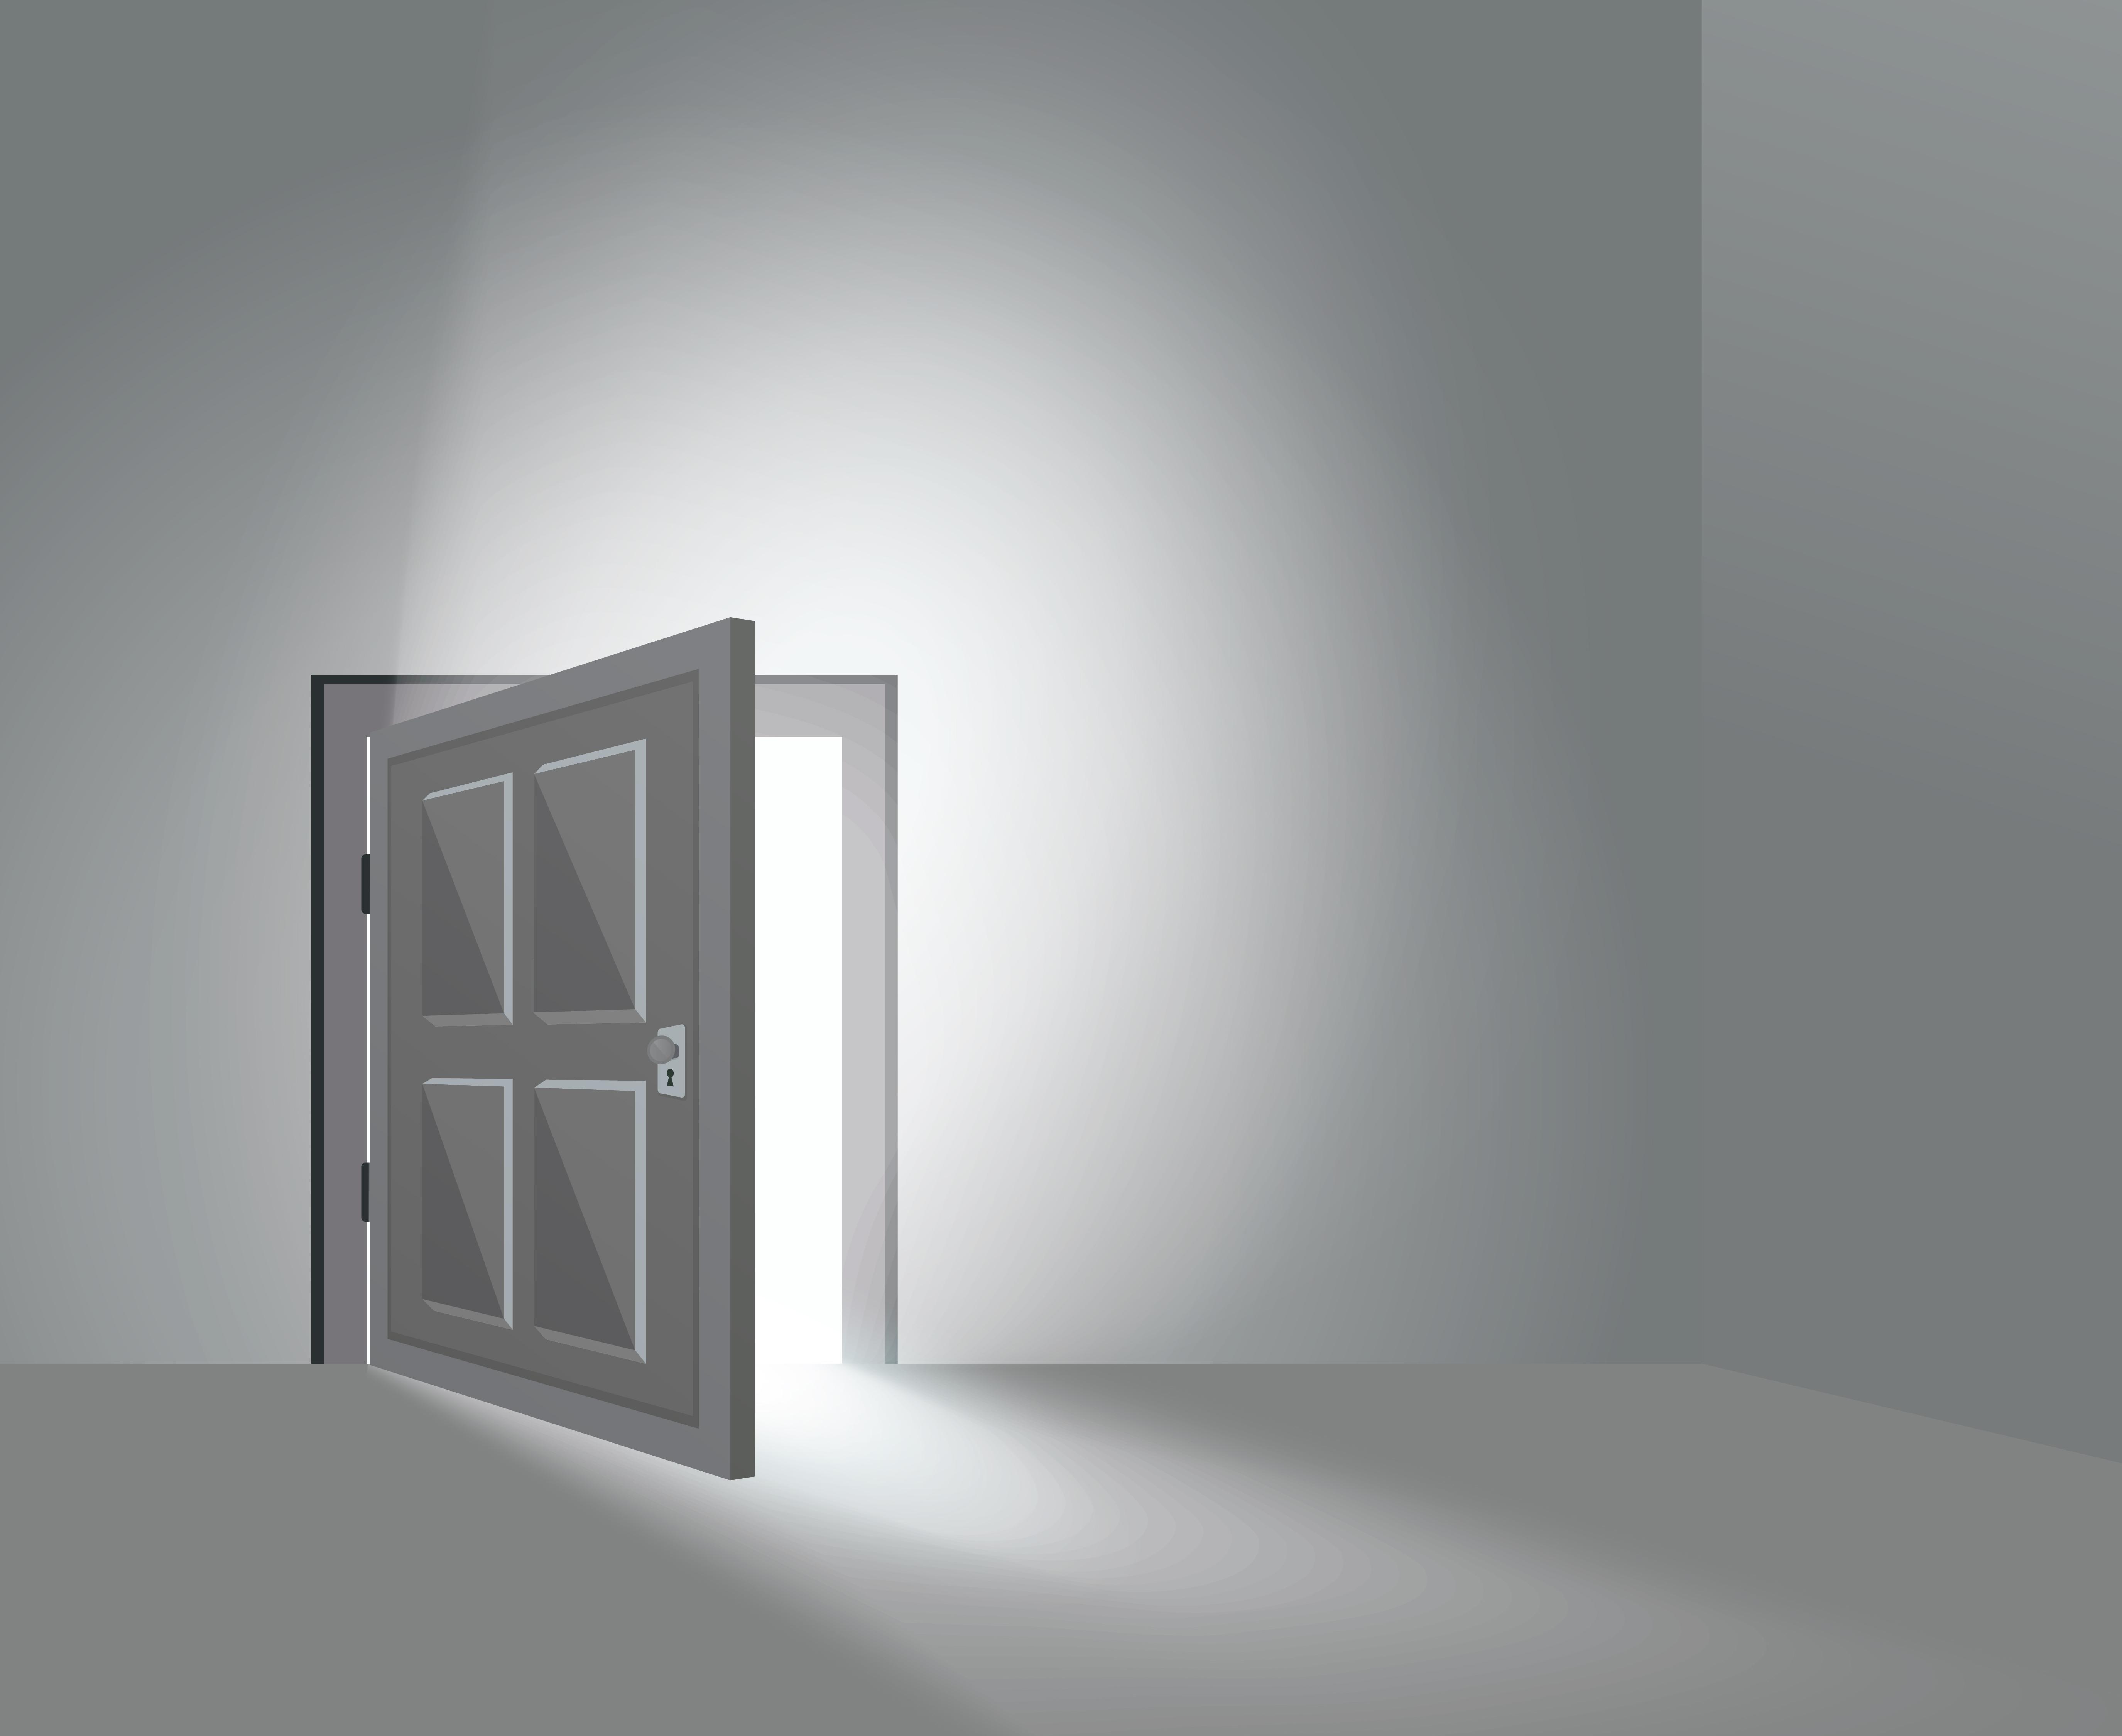 porta da casa de máquinas do elevador